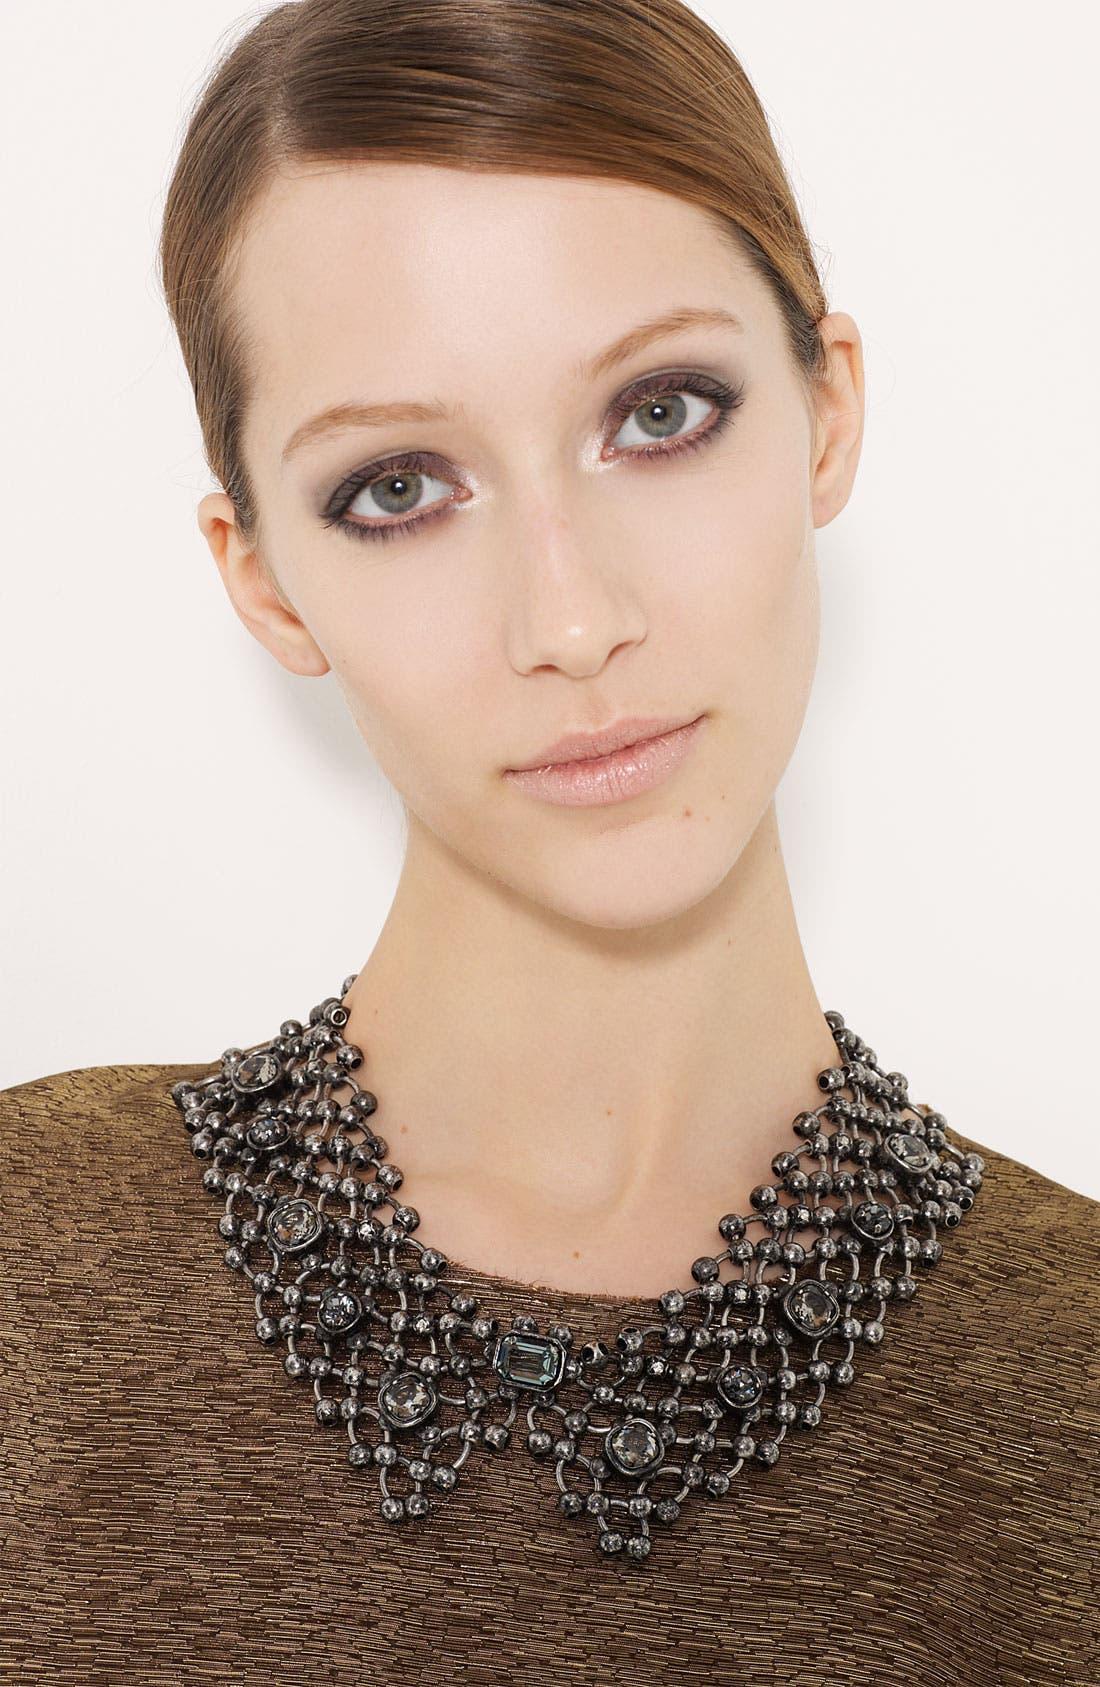 Main Image - Lanvin Côte de Maille Collar Necklace